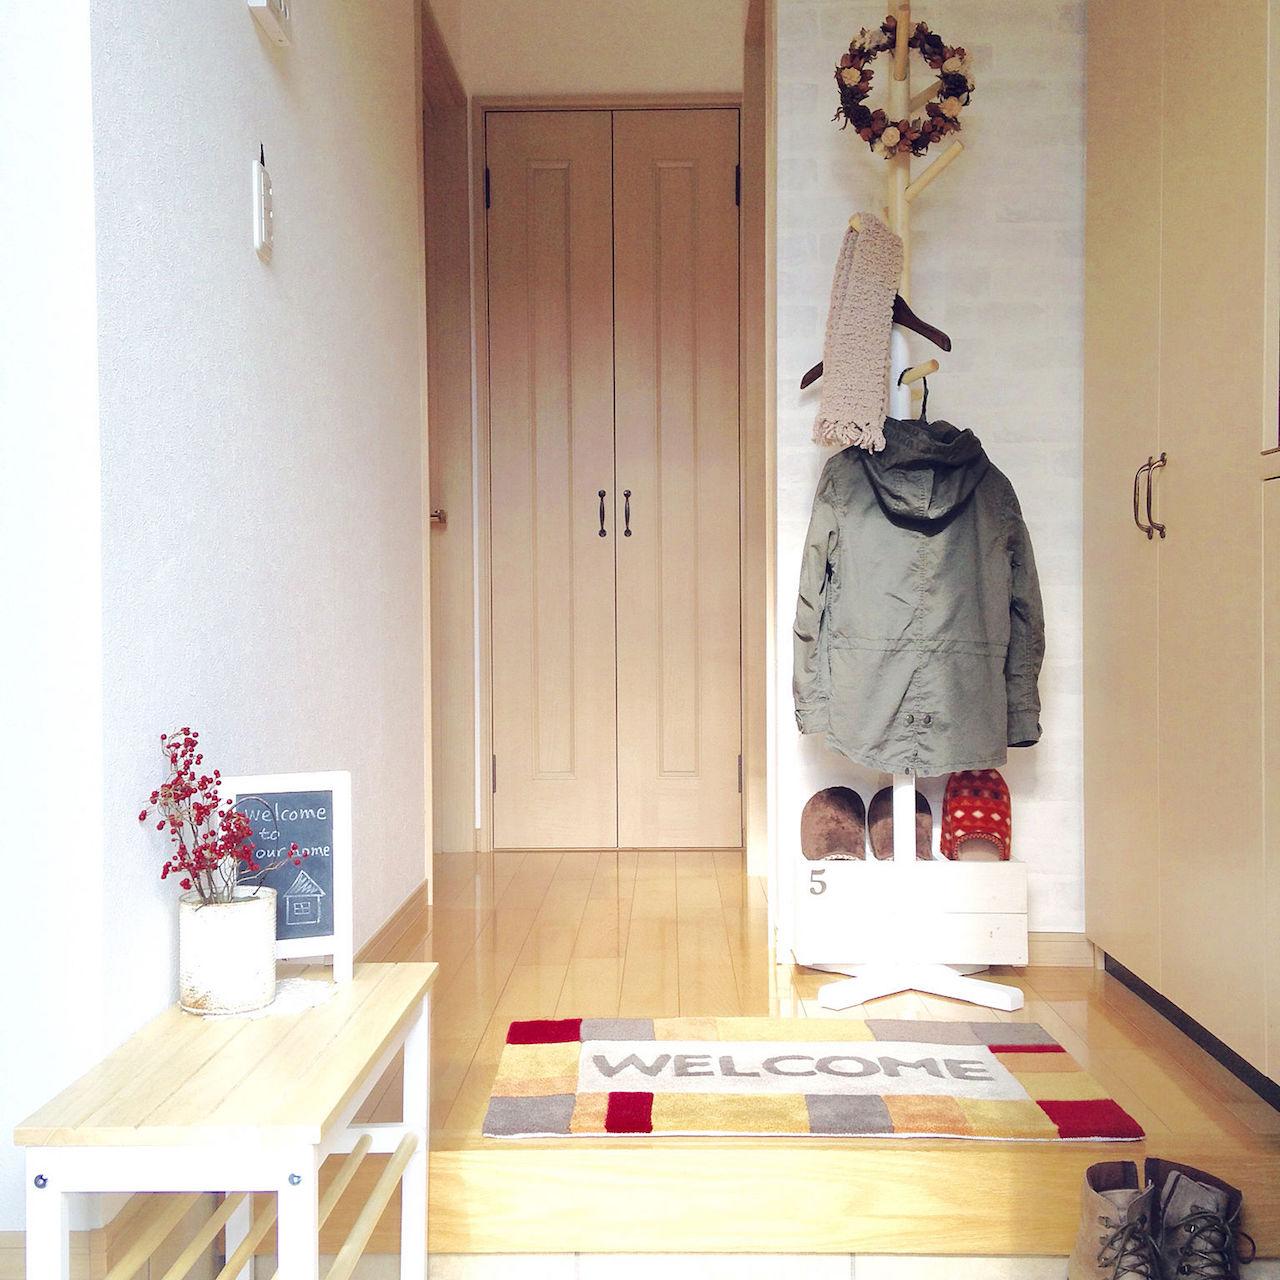 今年こそ、玄関をお気に入りの空間に。手軽に変えられる!玄関のインテリア&収納アイディア集【PR】